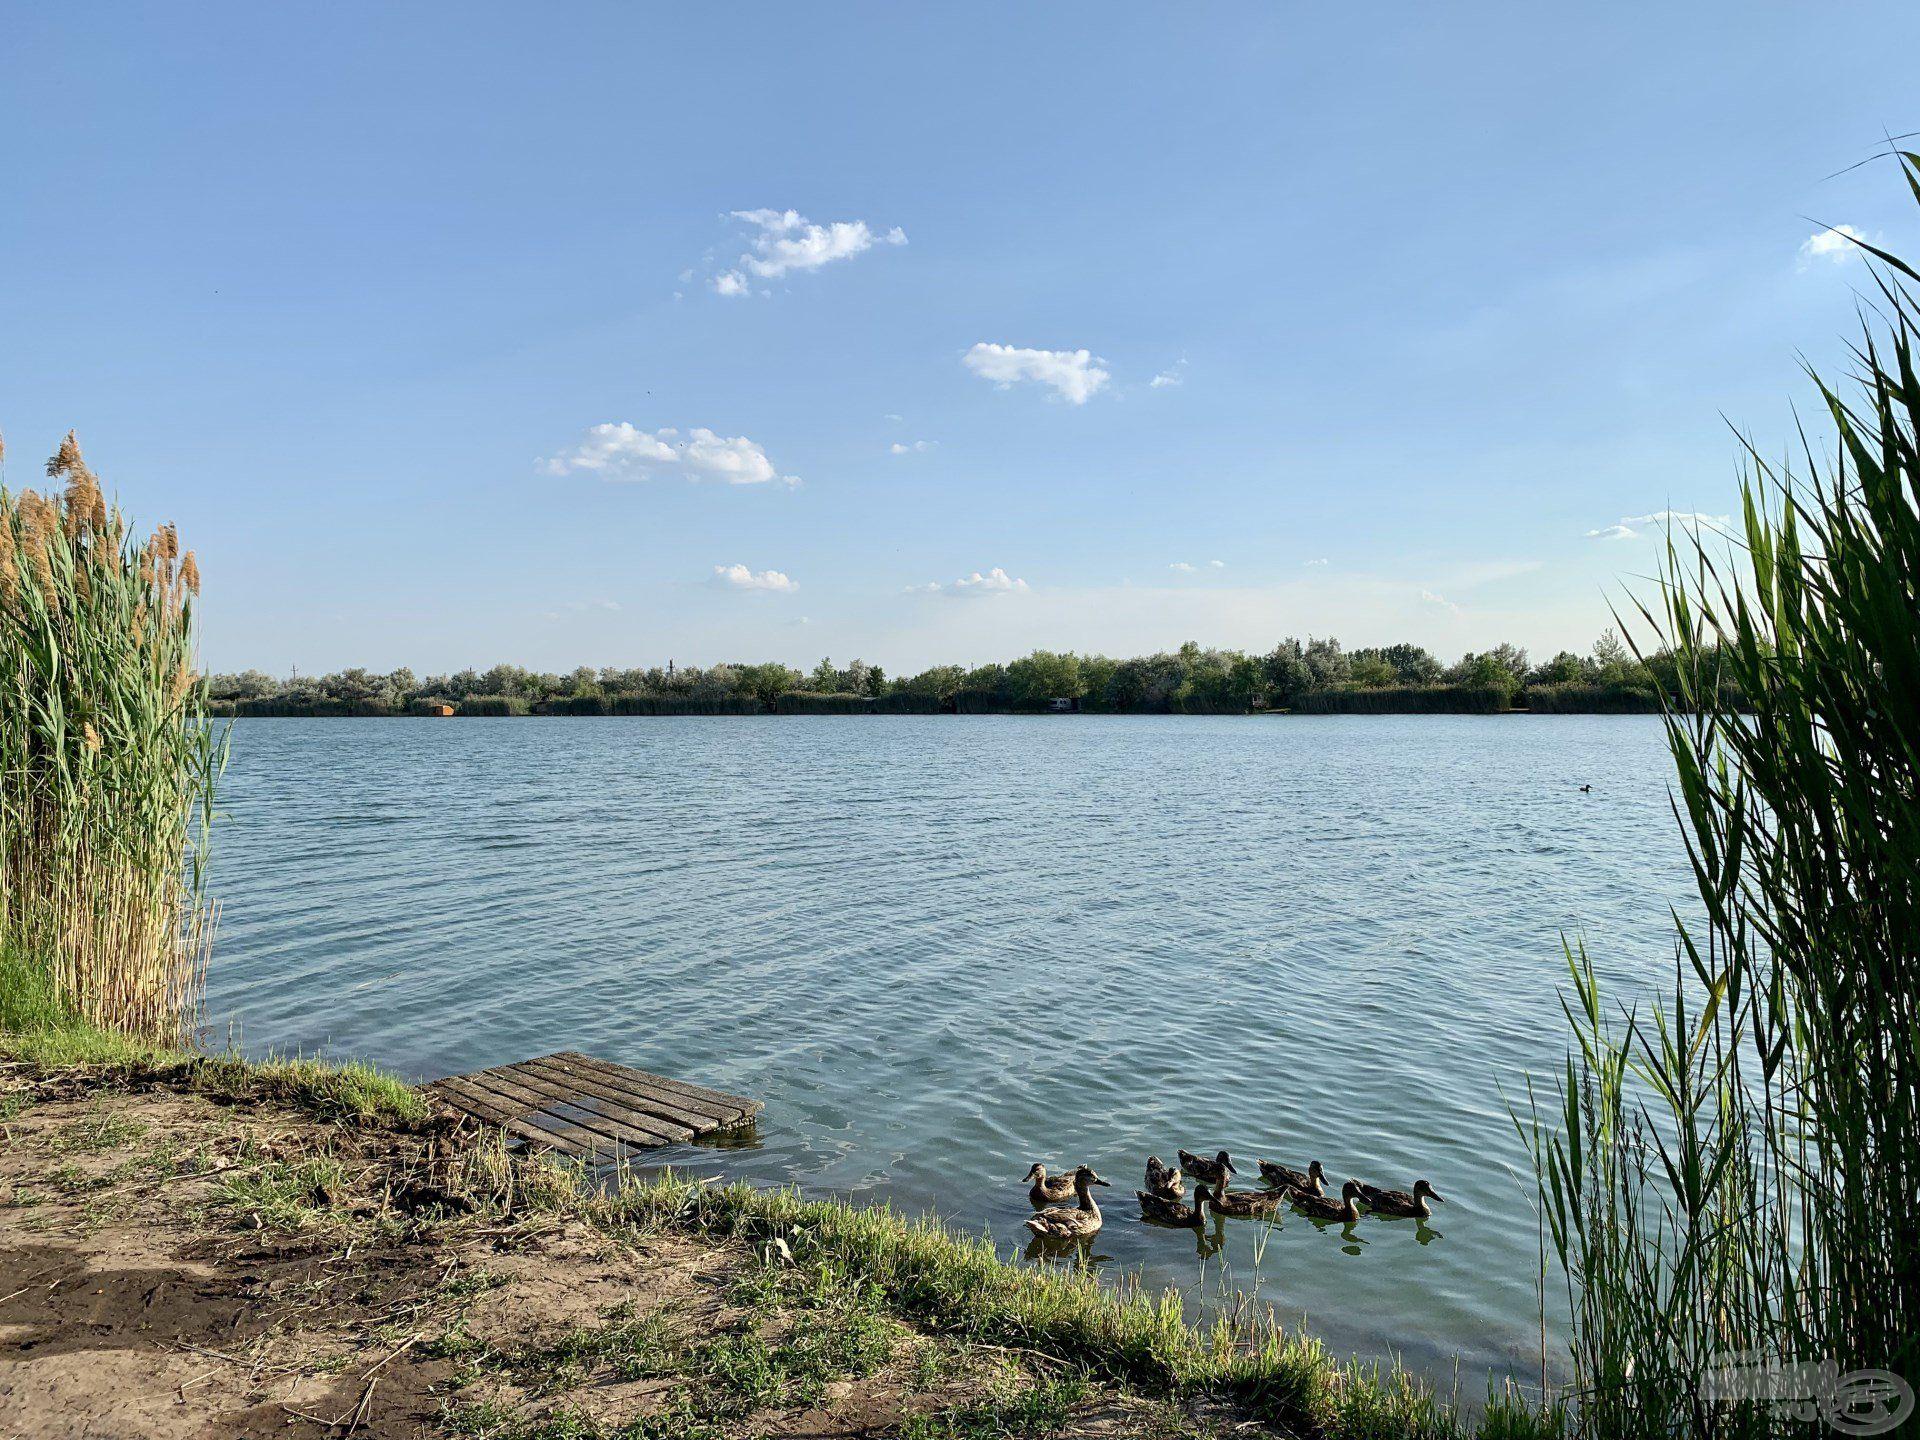 Kedvenc vízterületem, a Csaba-tó az utóbbi években teljesen átalakult, megváltozott…